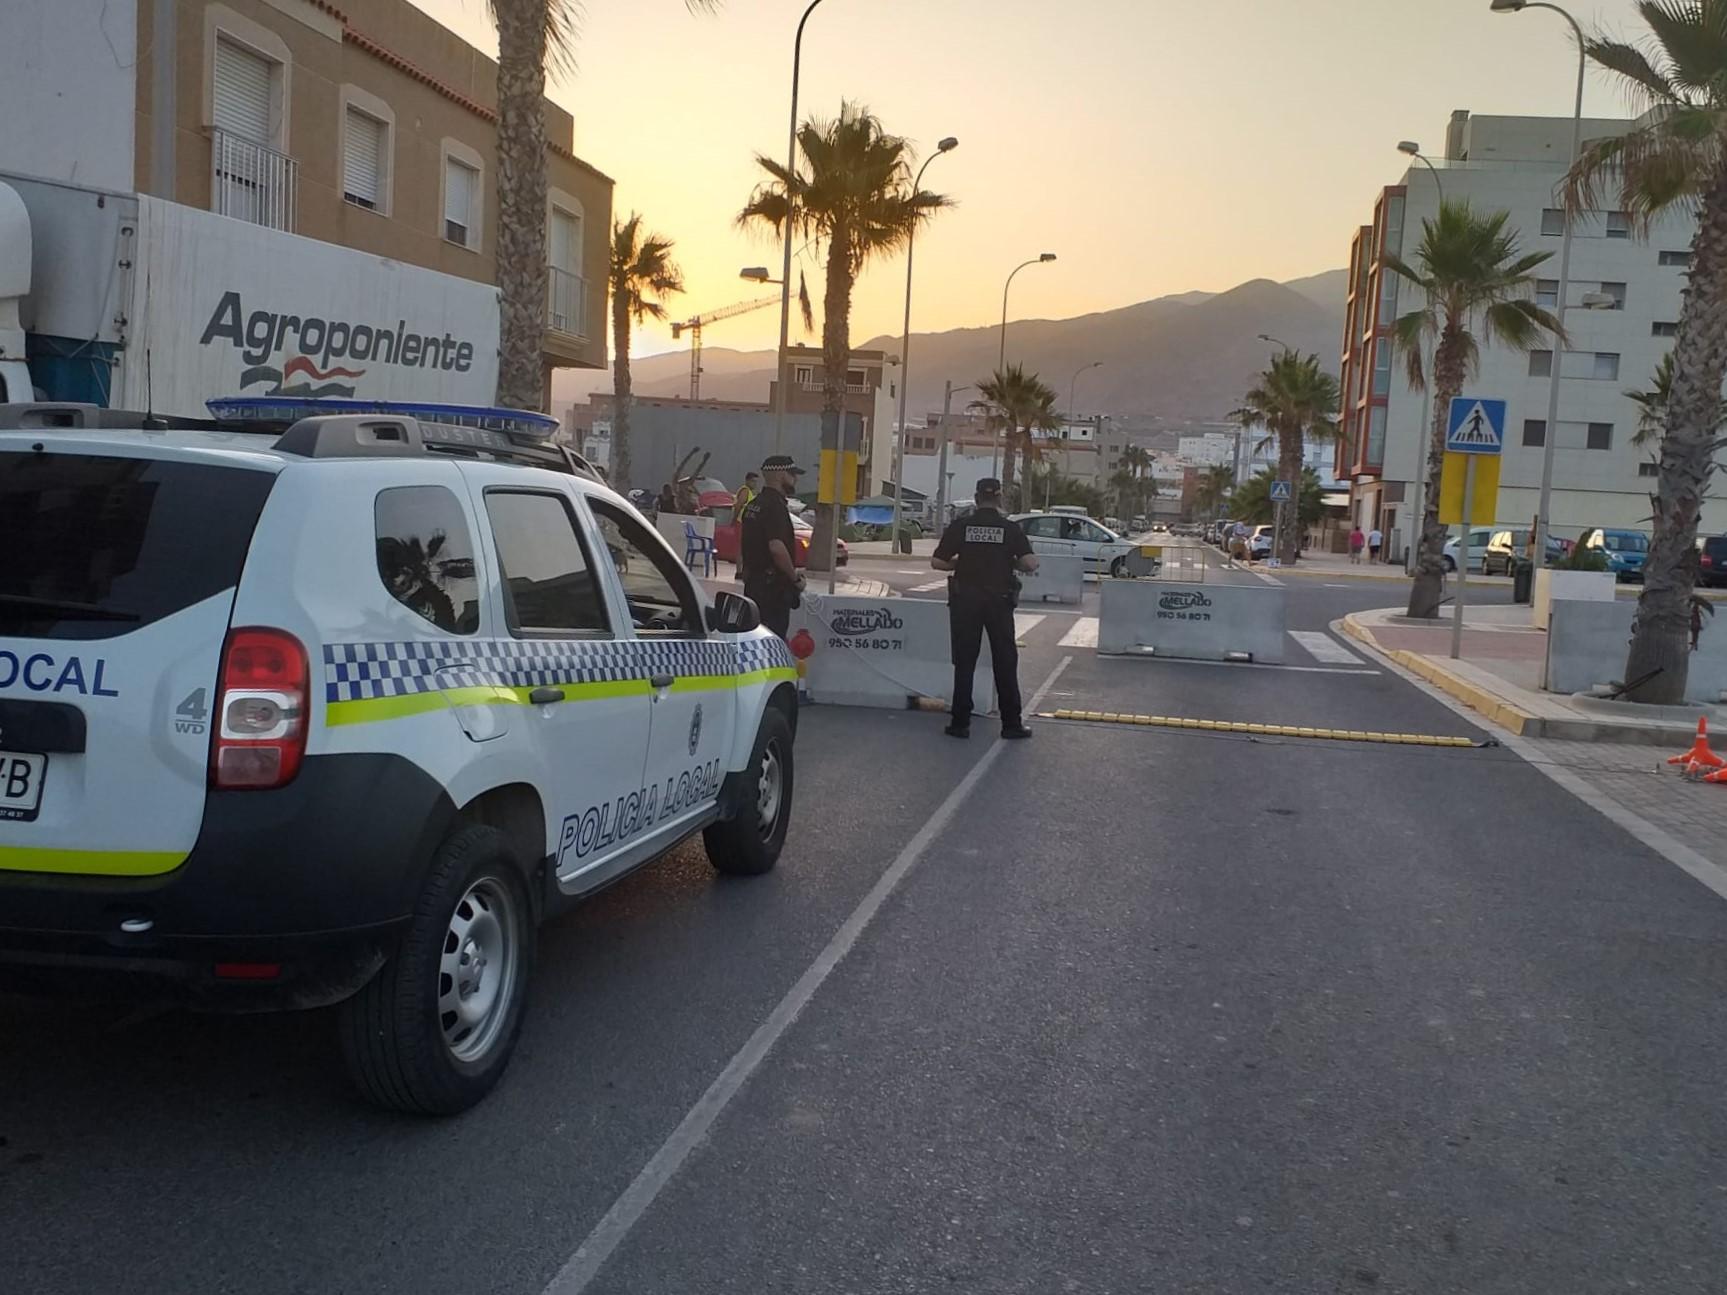 Photo of La Policía Local de Adra inicia una Campaña de Vigilancia y Control de las condiciones del vehículo el 11 de noviembre